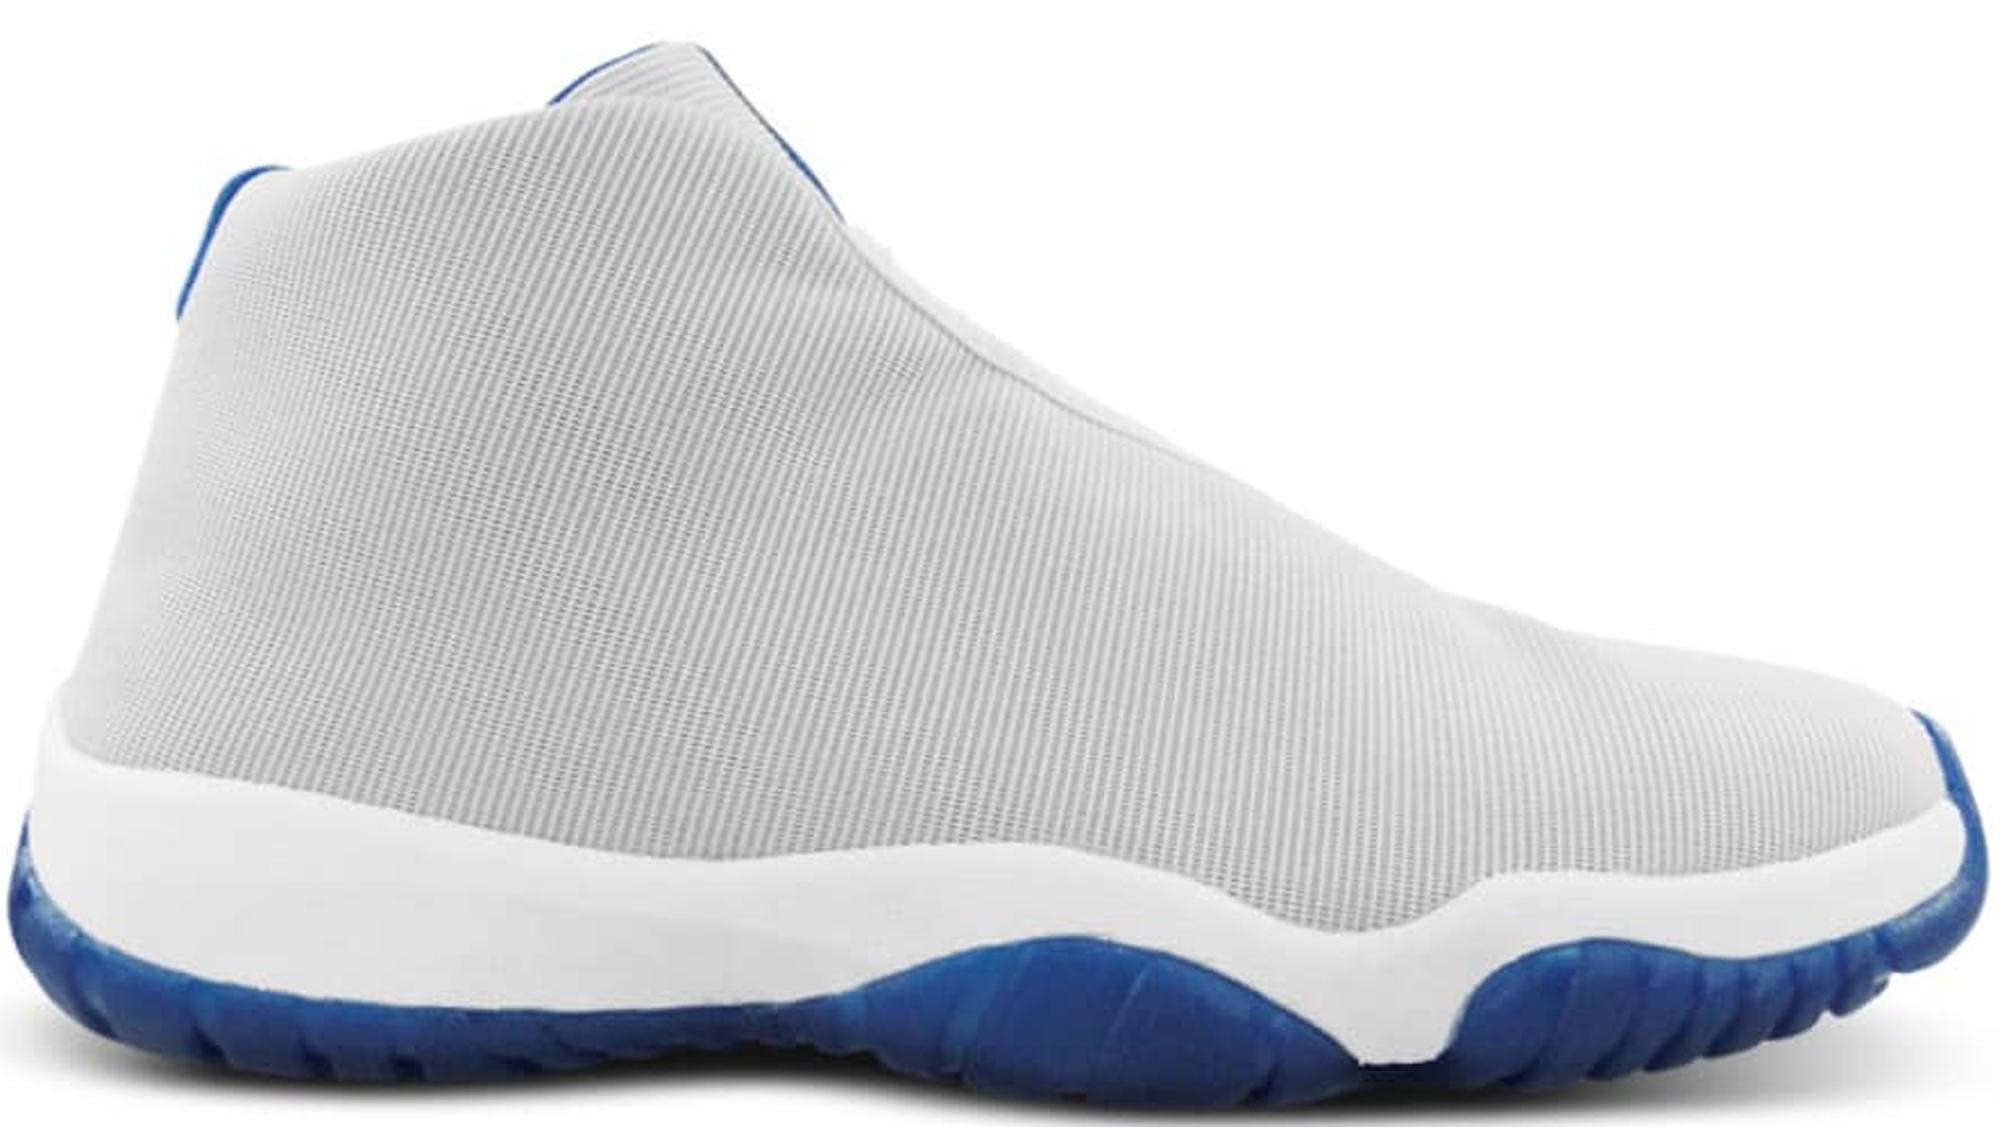 Jordan Future White Sport Blue - 656503-107